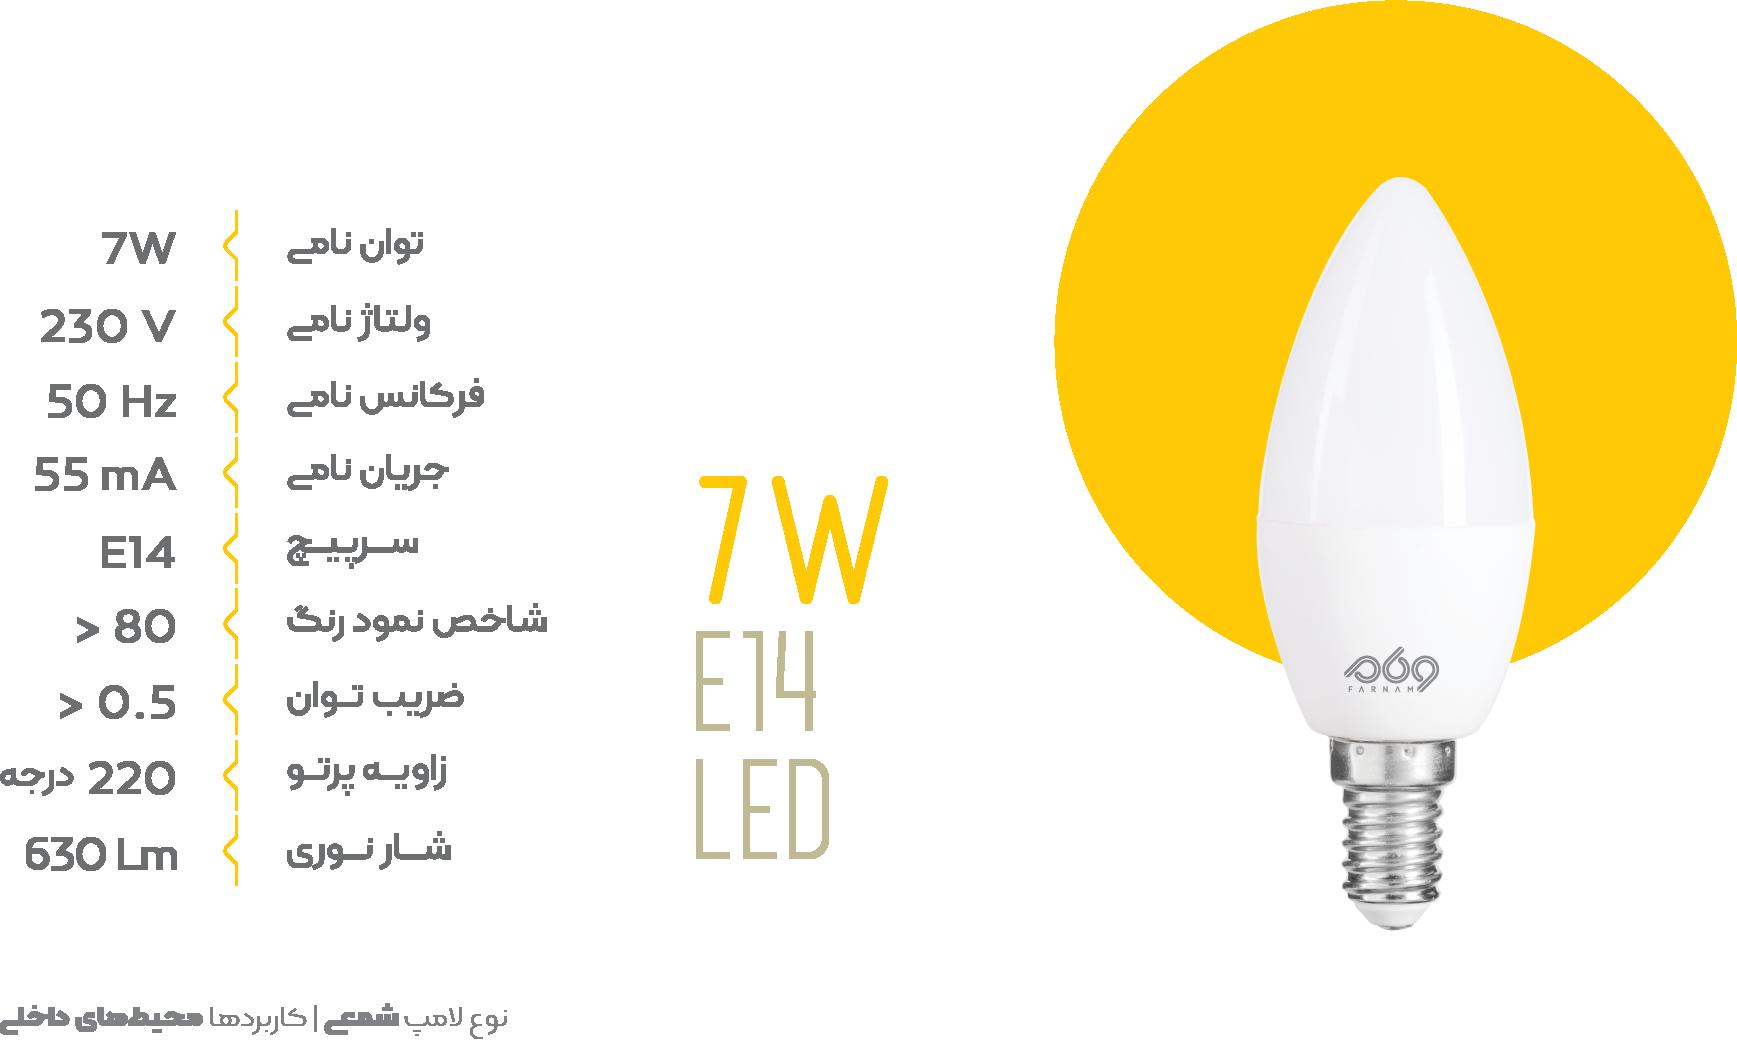 لامپ اشکی 7 وات